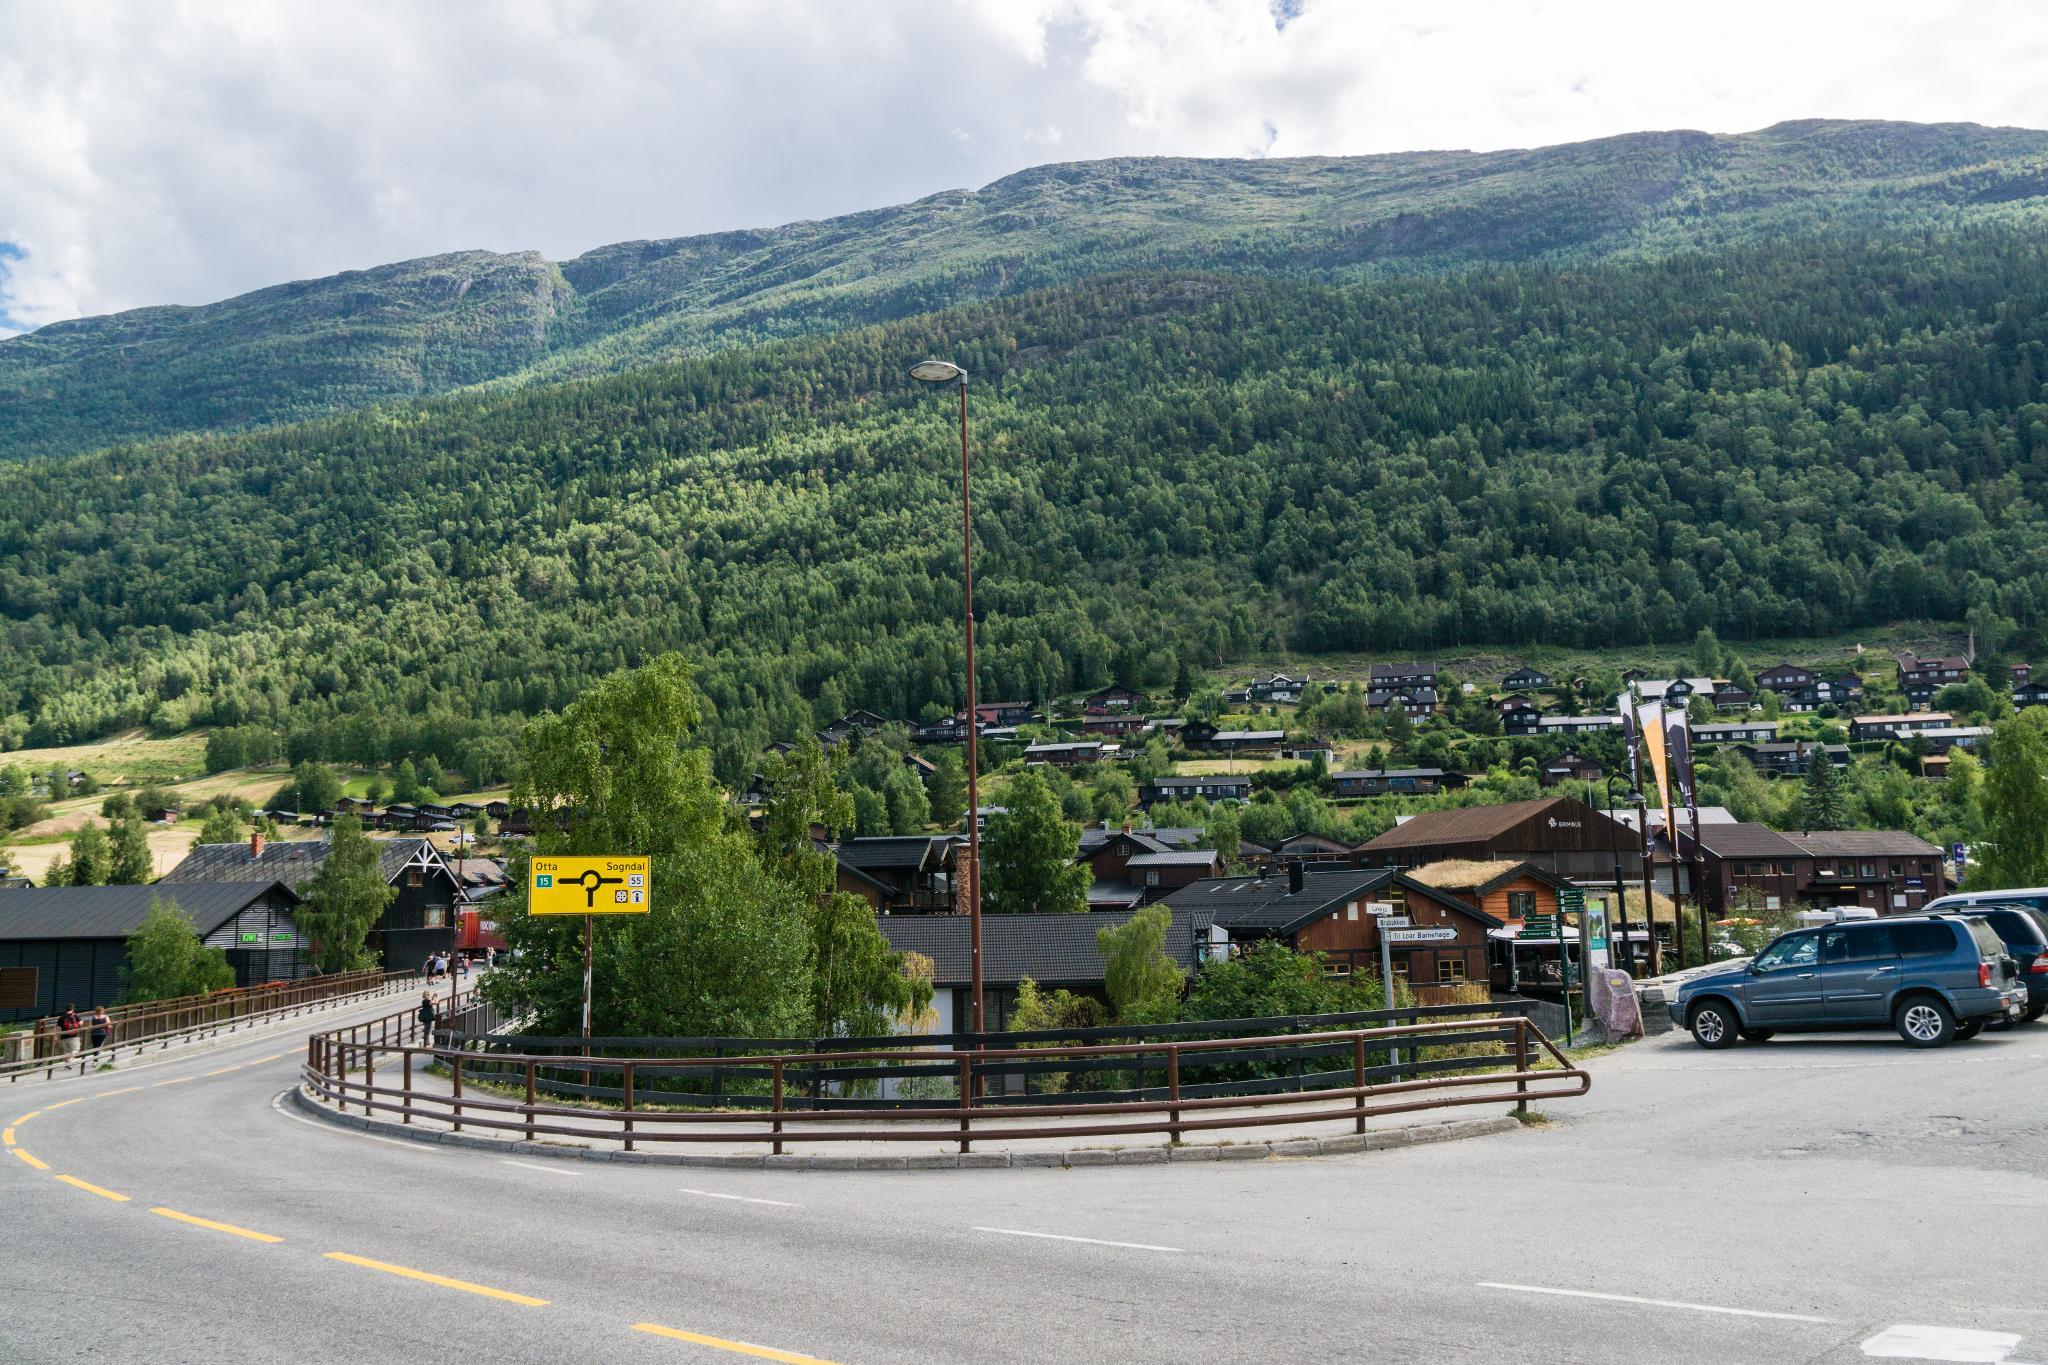 【北歐景點】穿越挪威的屋脊 - 前進北歐最美的冰原景觀公路 Fv55松恩山路 (Sognefjellet) 15